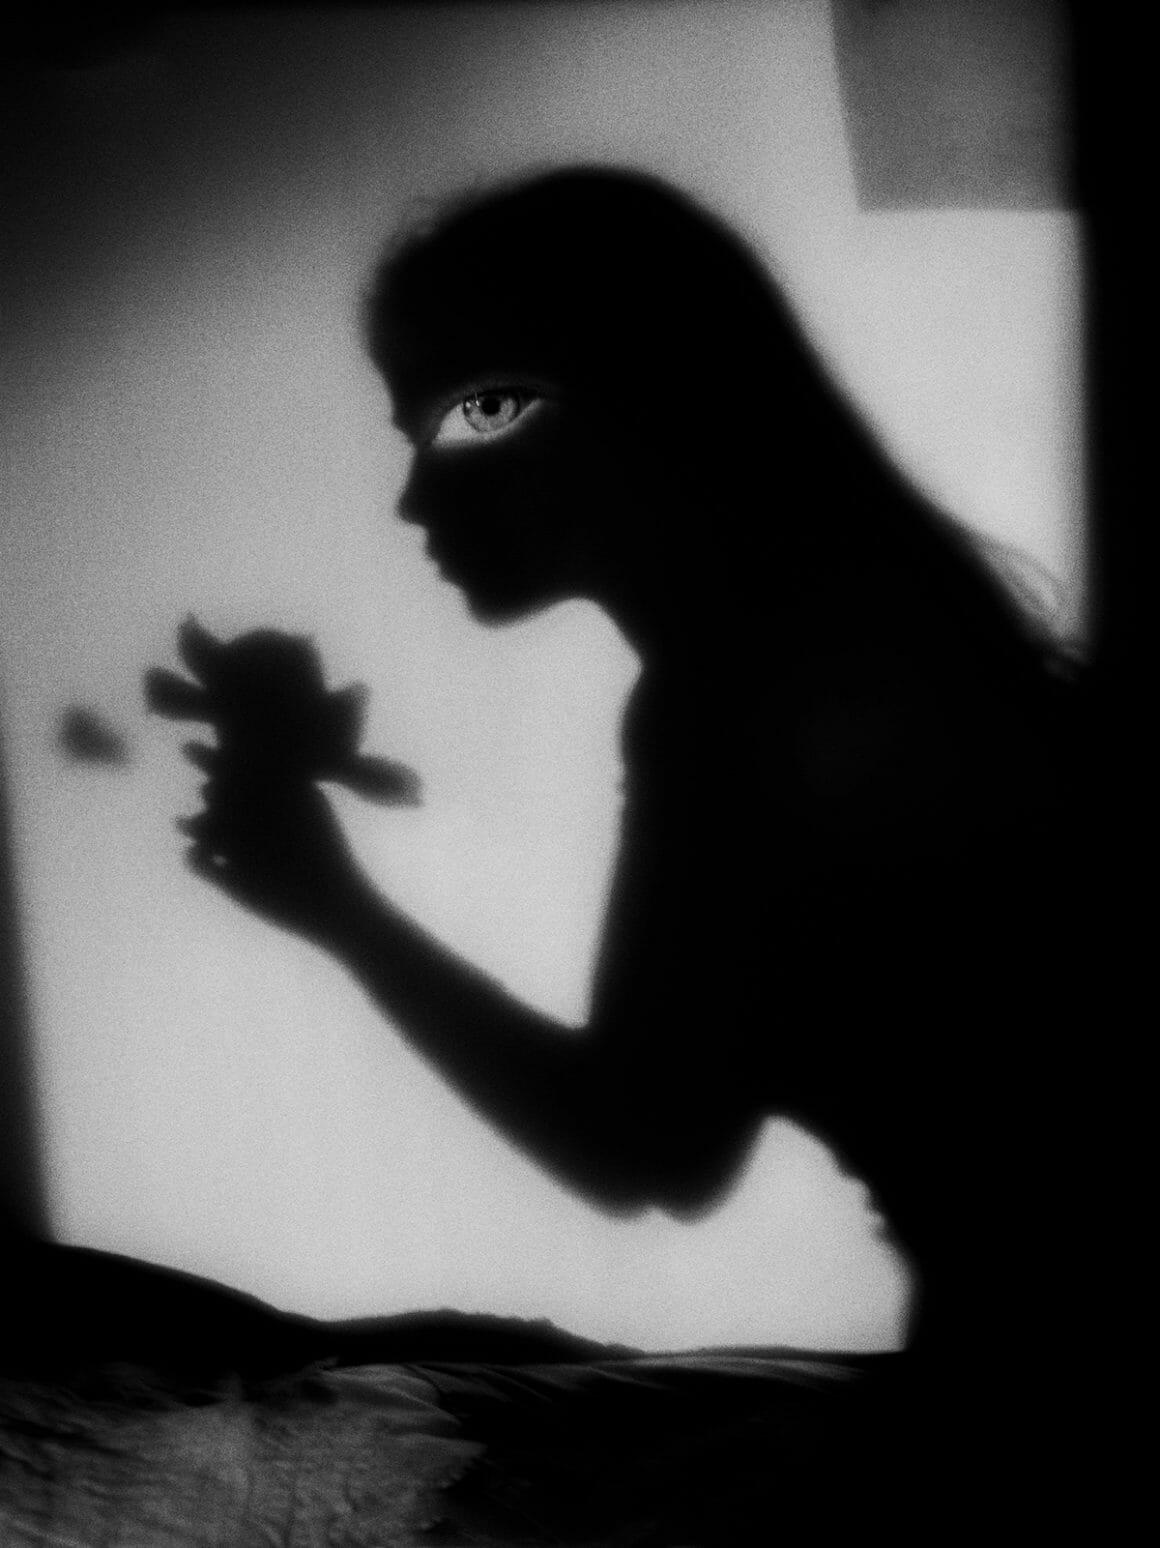 portrait réalisée par la photographe allemande Elizaveta Porodina